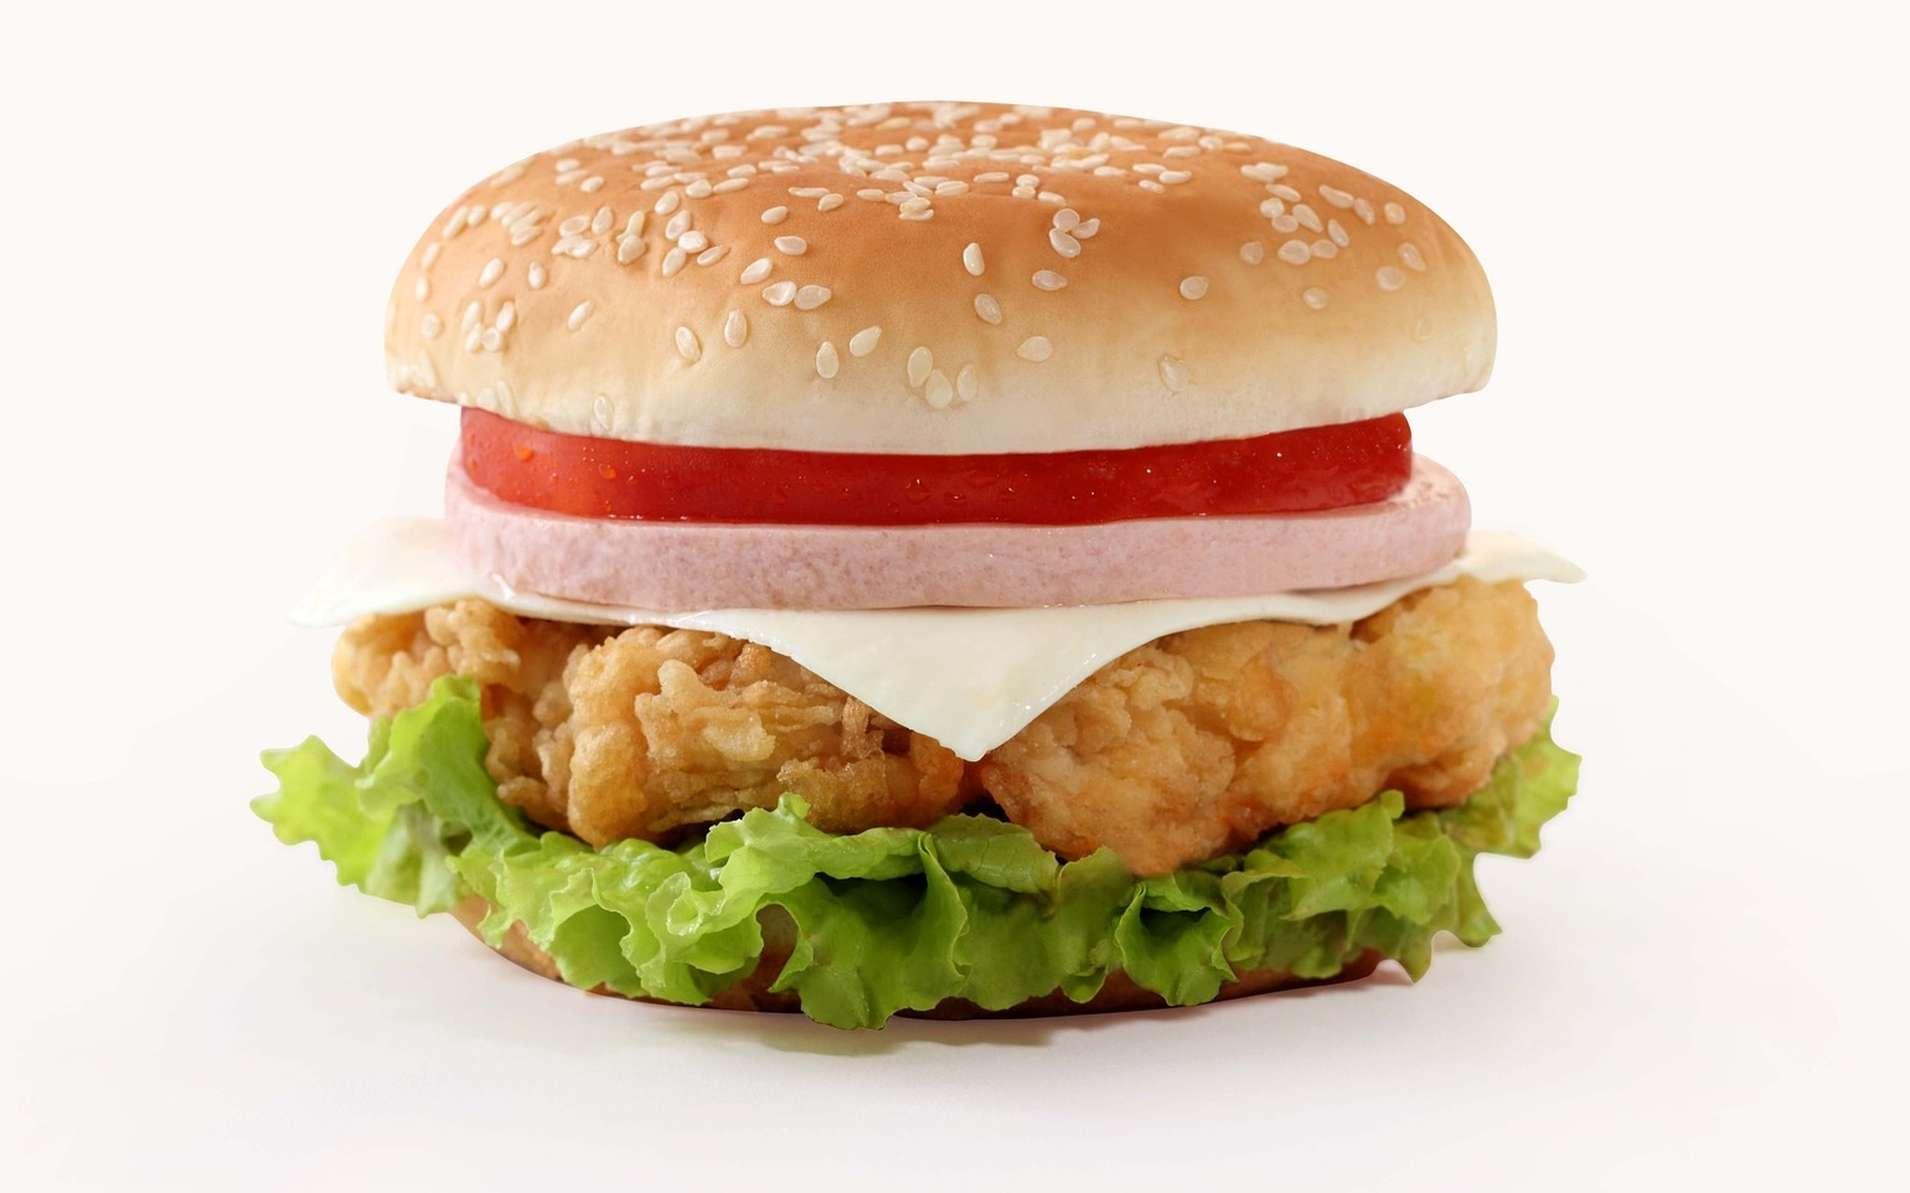 La publicité pour les fast-foods influence beaucoup les enfants, jusqu'à constituer une question de santé publique. © DP